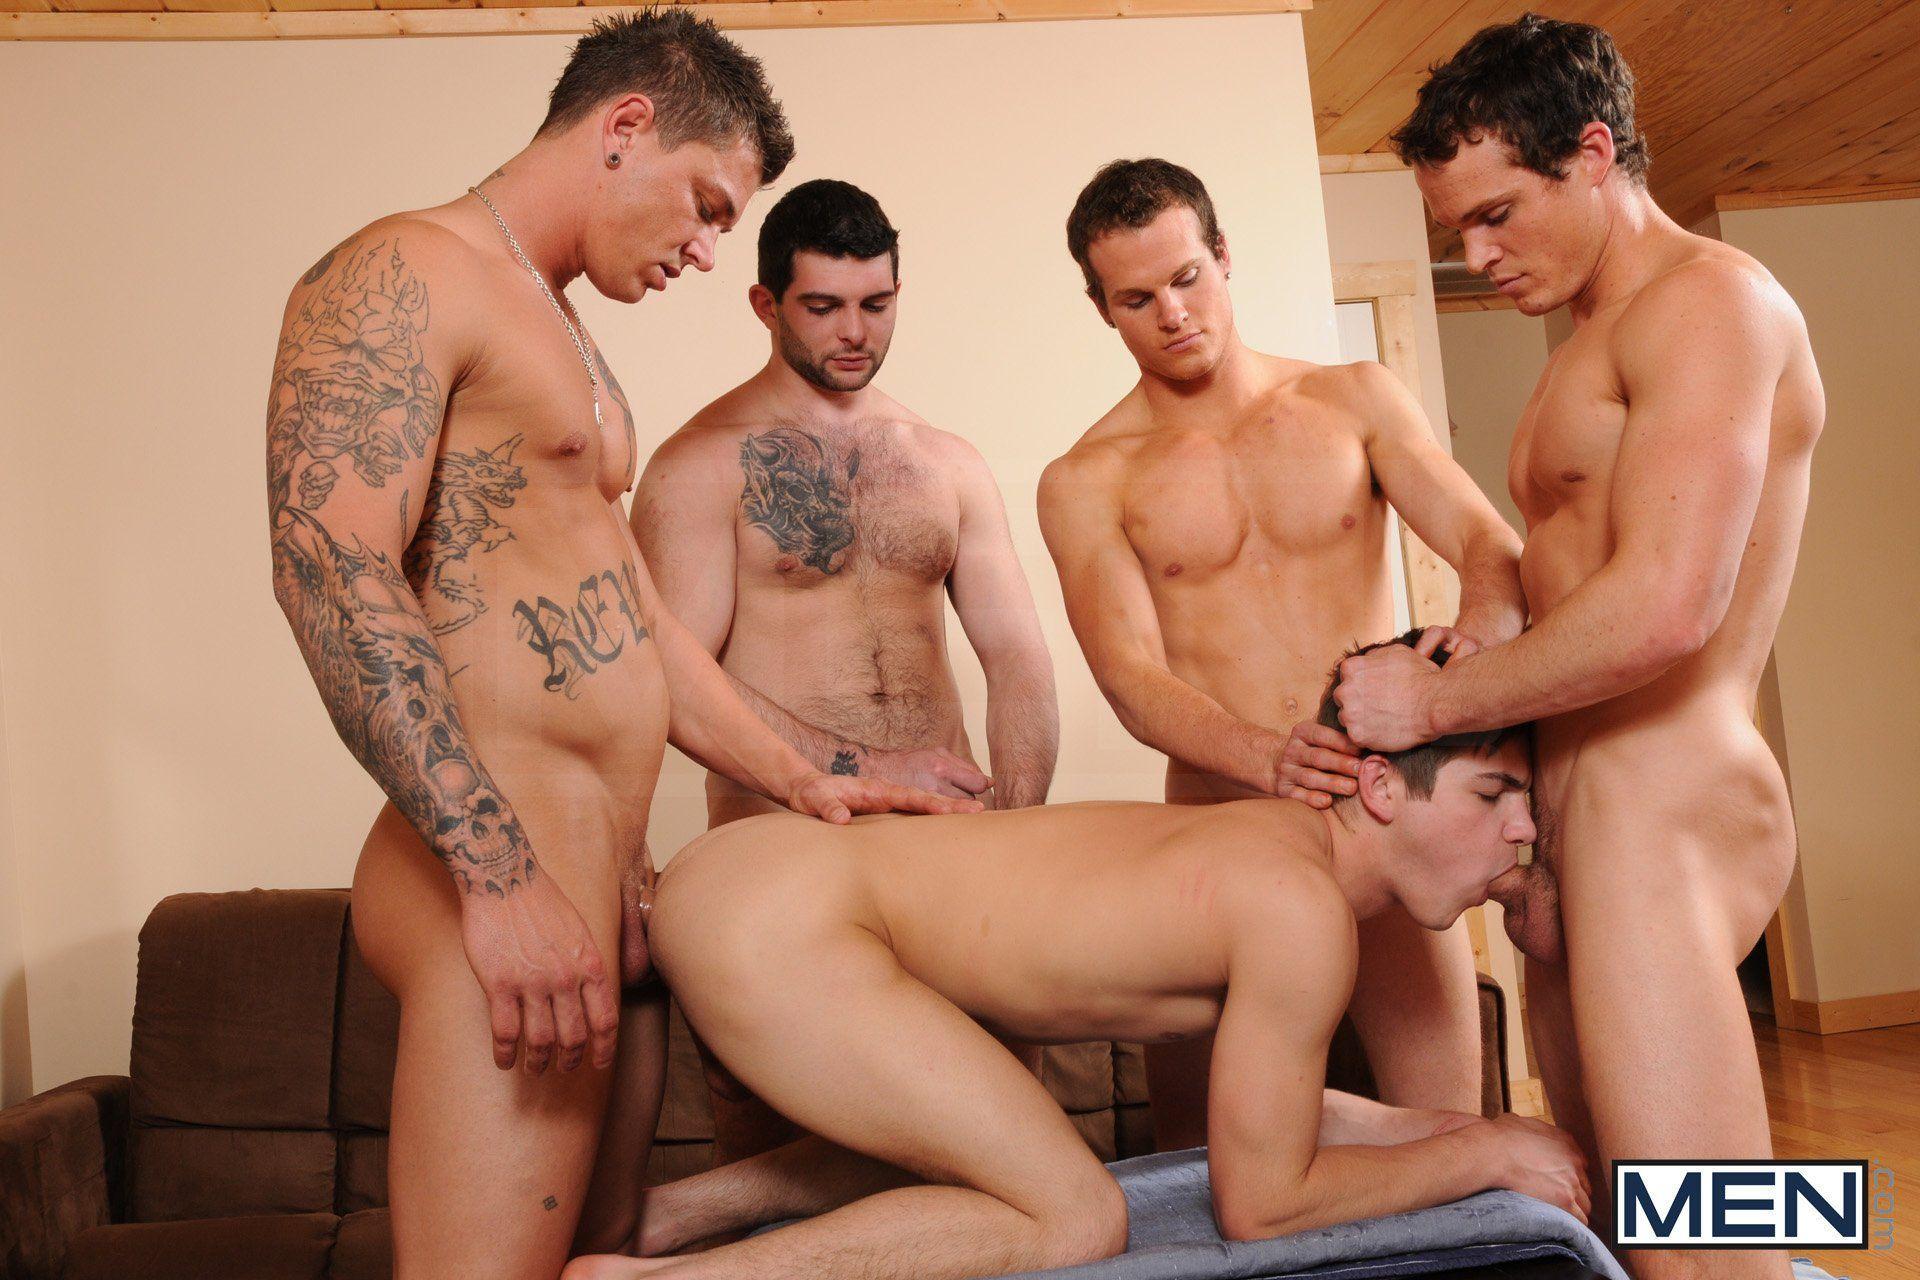 Big brother men naked videos